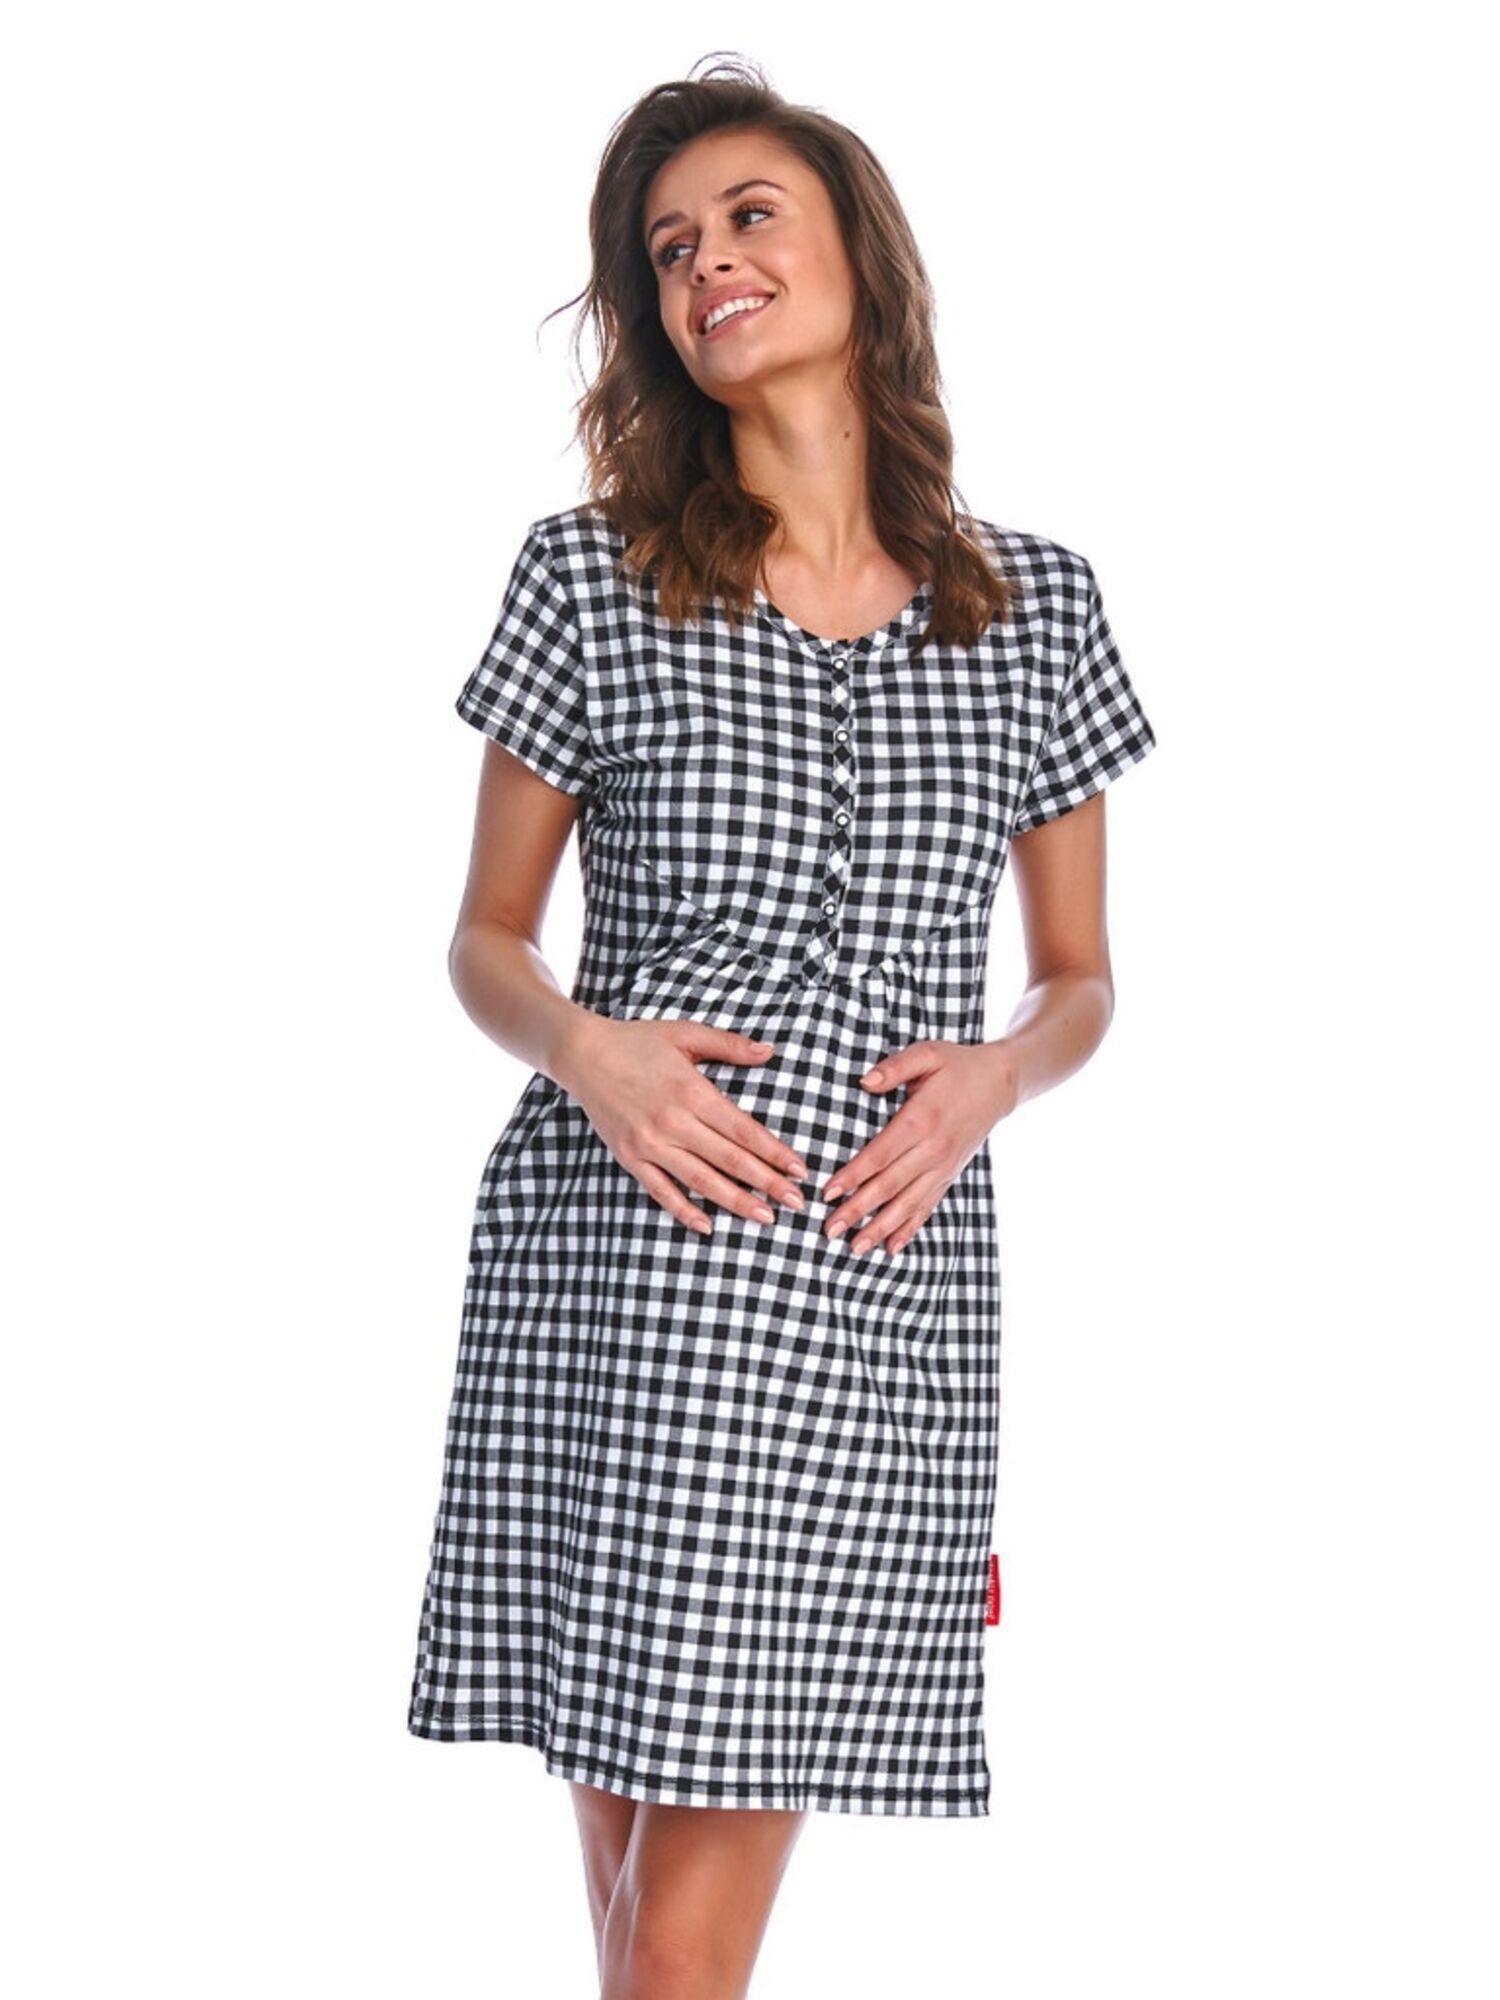 Сорочка женская хлопковая 9939 TCB, черный, DOCTOR NAP